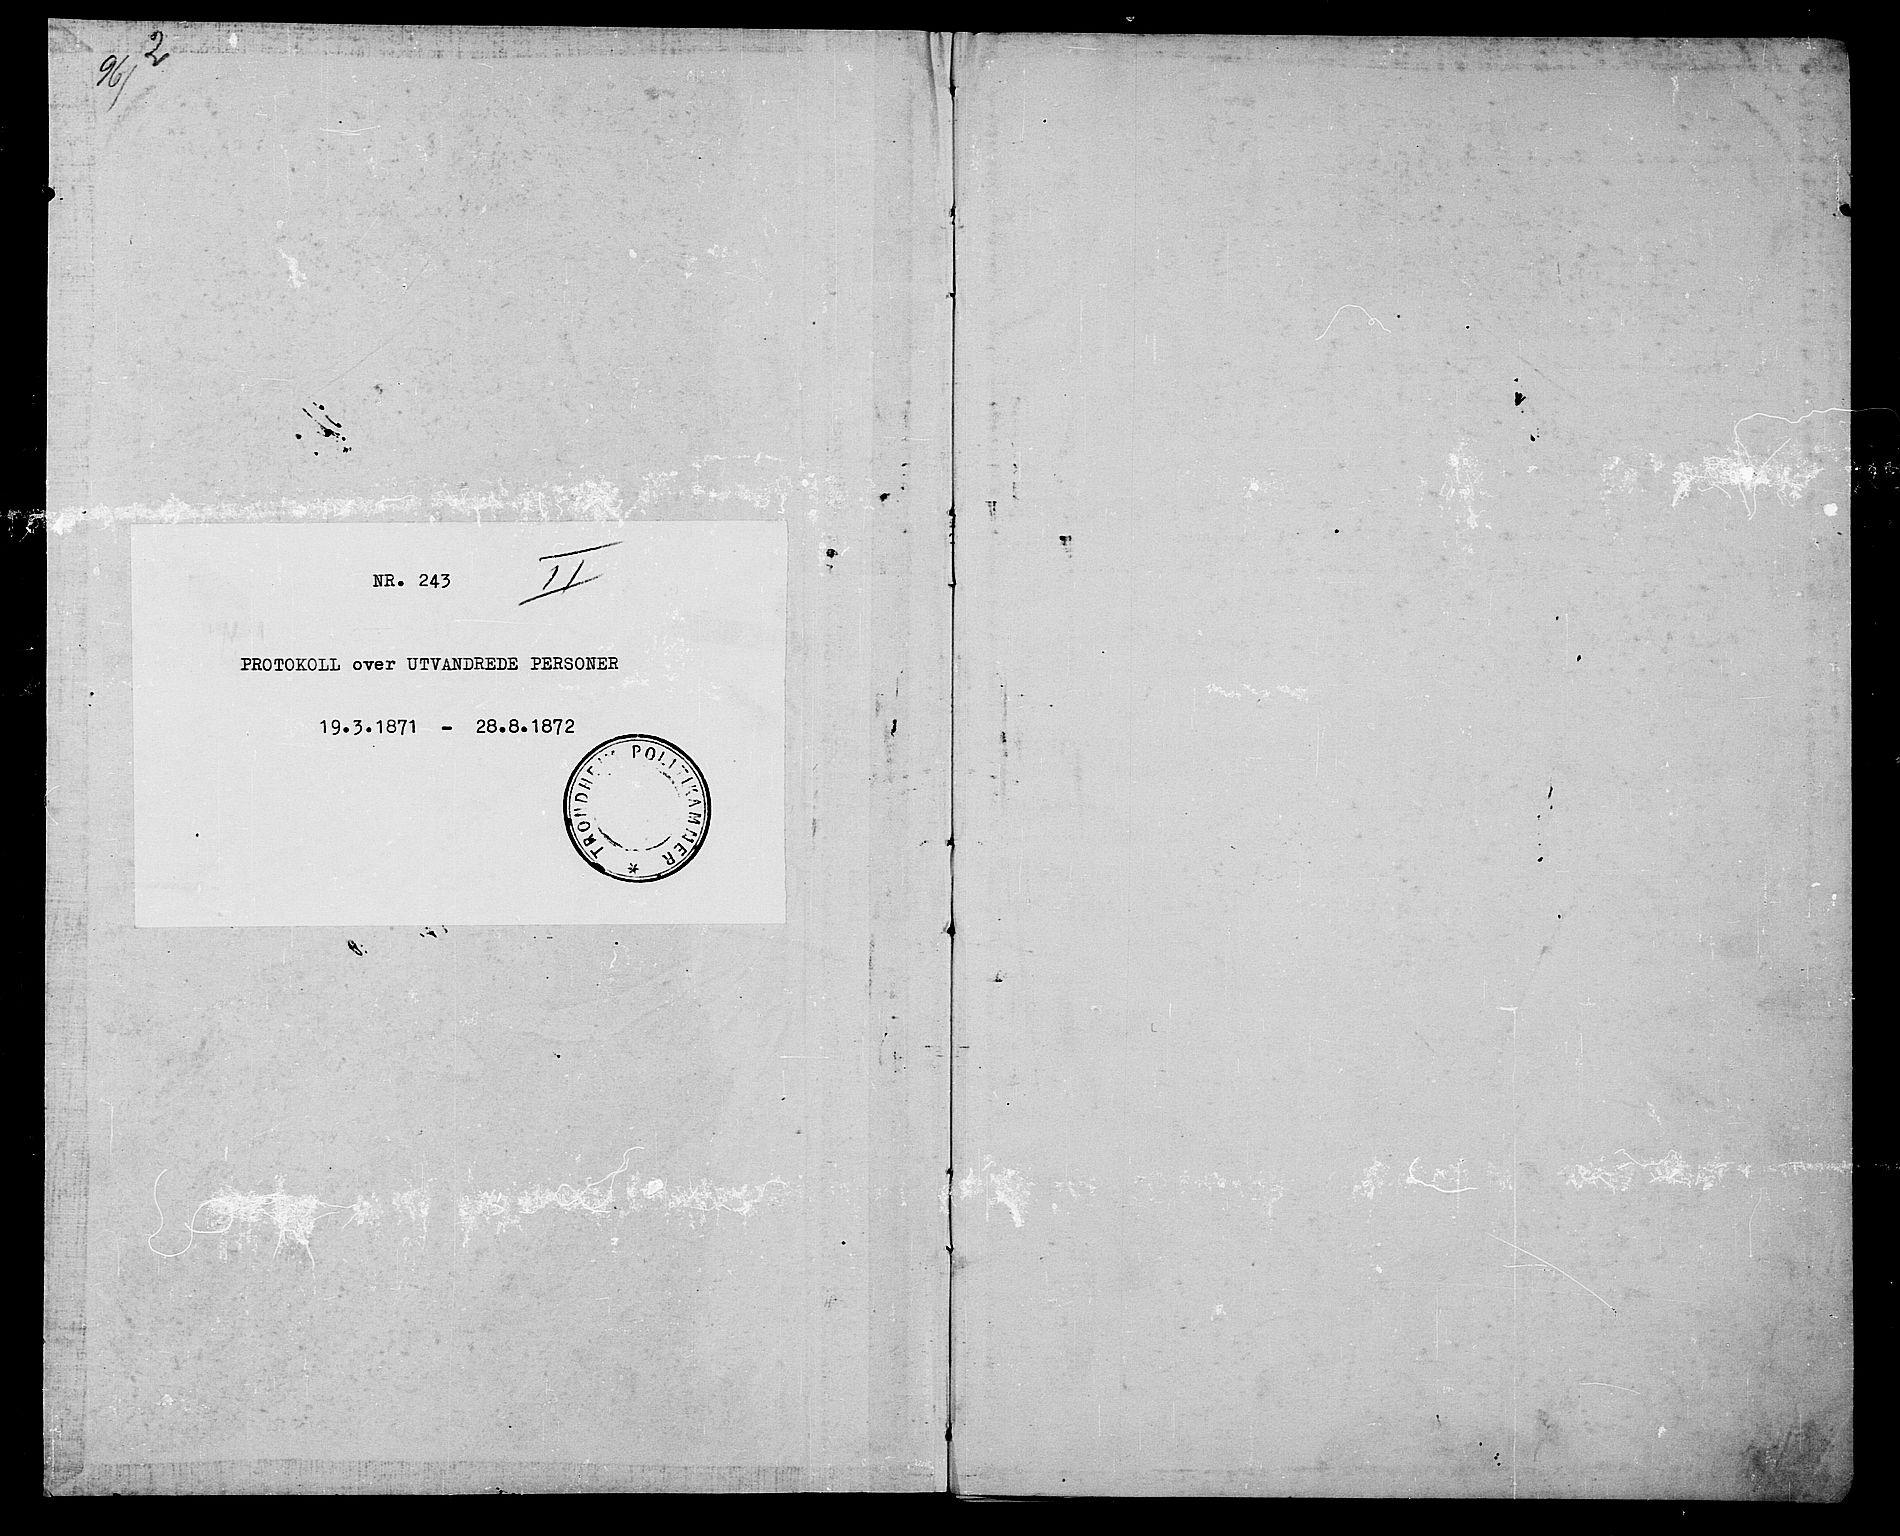 SAT, Trondheim politikammer, 32/L0002: Emigrantprotokoll II, 1871-1872